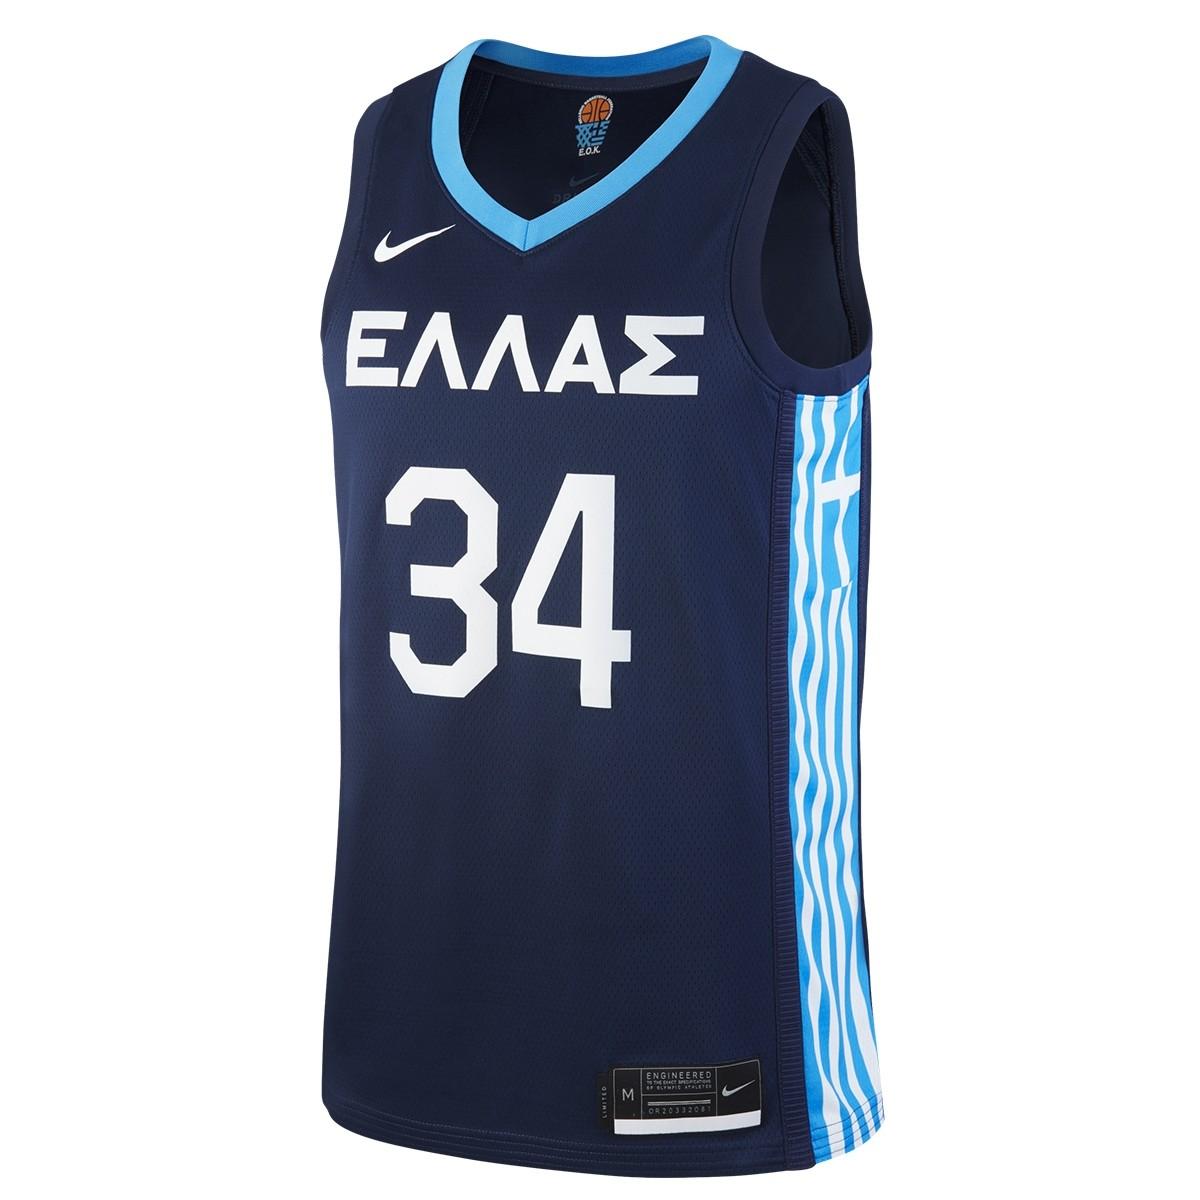 Nike Grecia Olympics Jersey Tokyo 2020